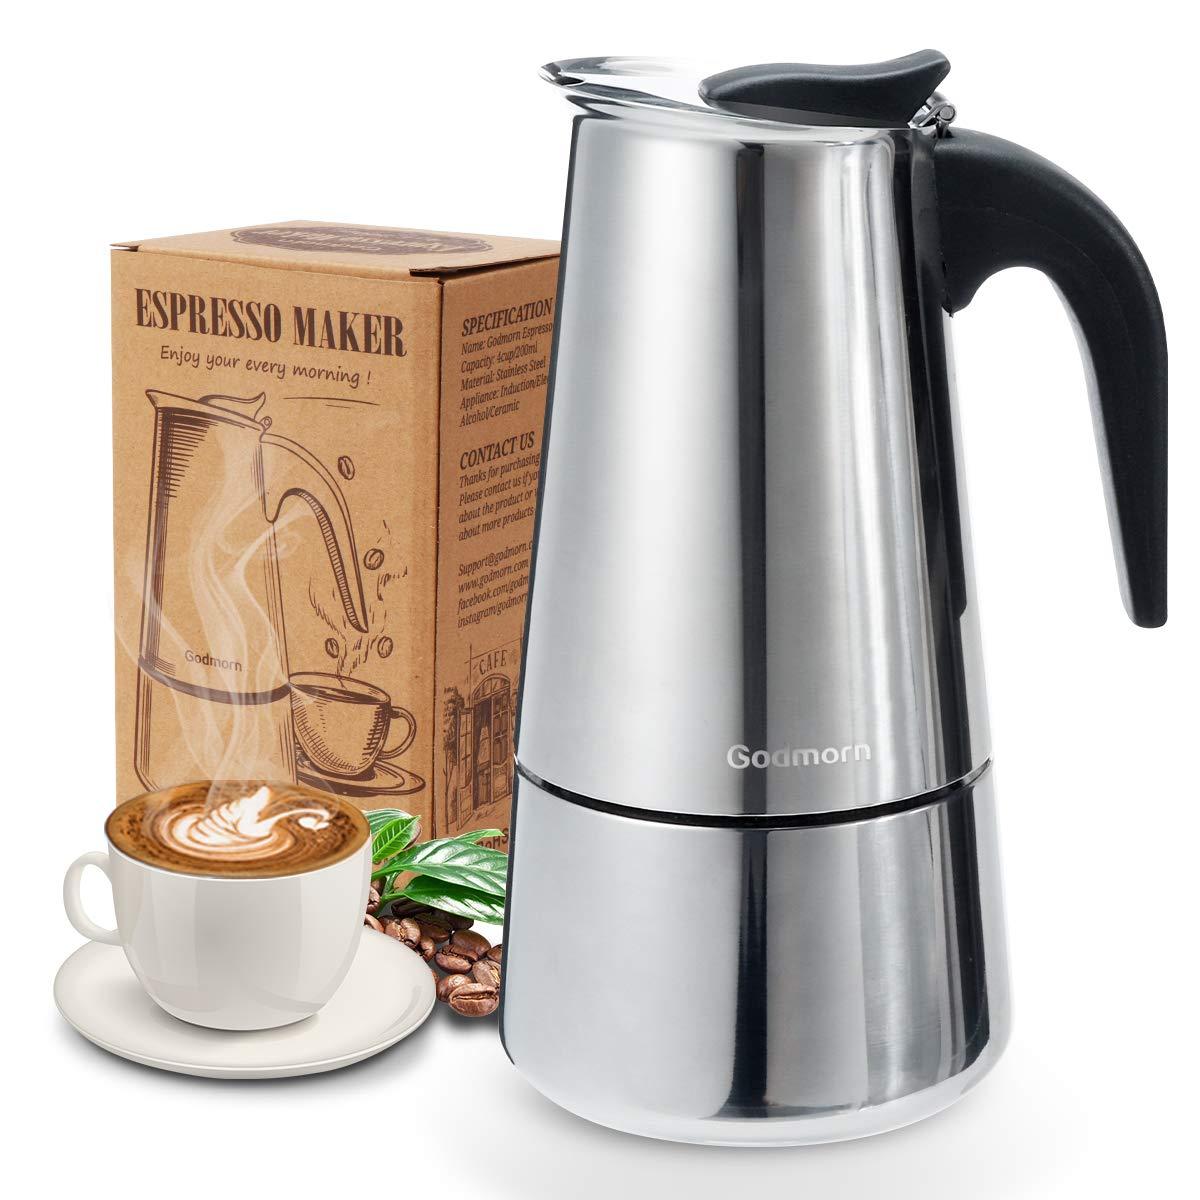 Godmorn Cafetera italiana,Cafetera espressos en Acero inoxidable430,6 tazas(300ml),Conveniente para la cocina de inducción,Cafetera Moka ...